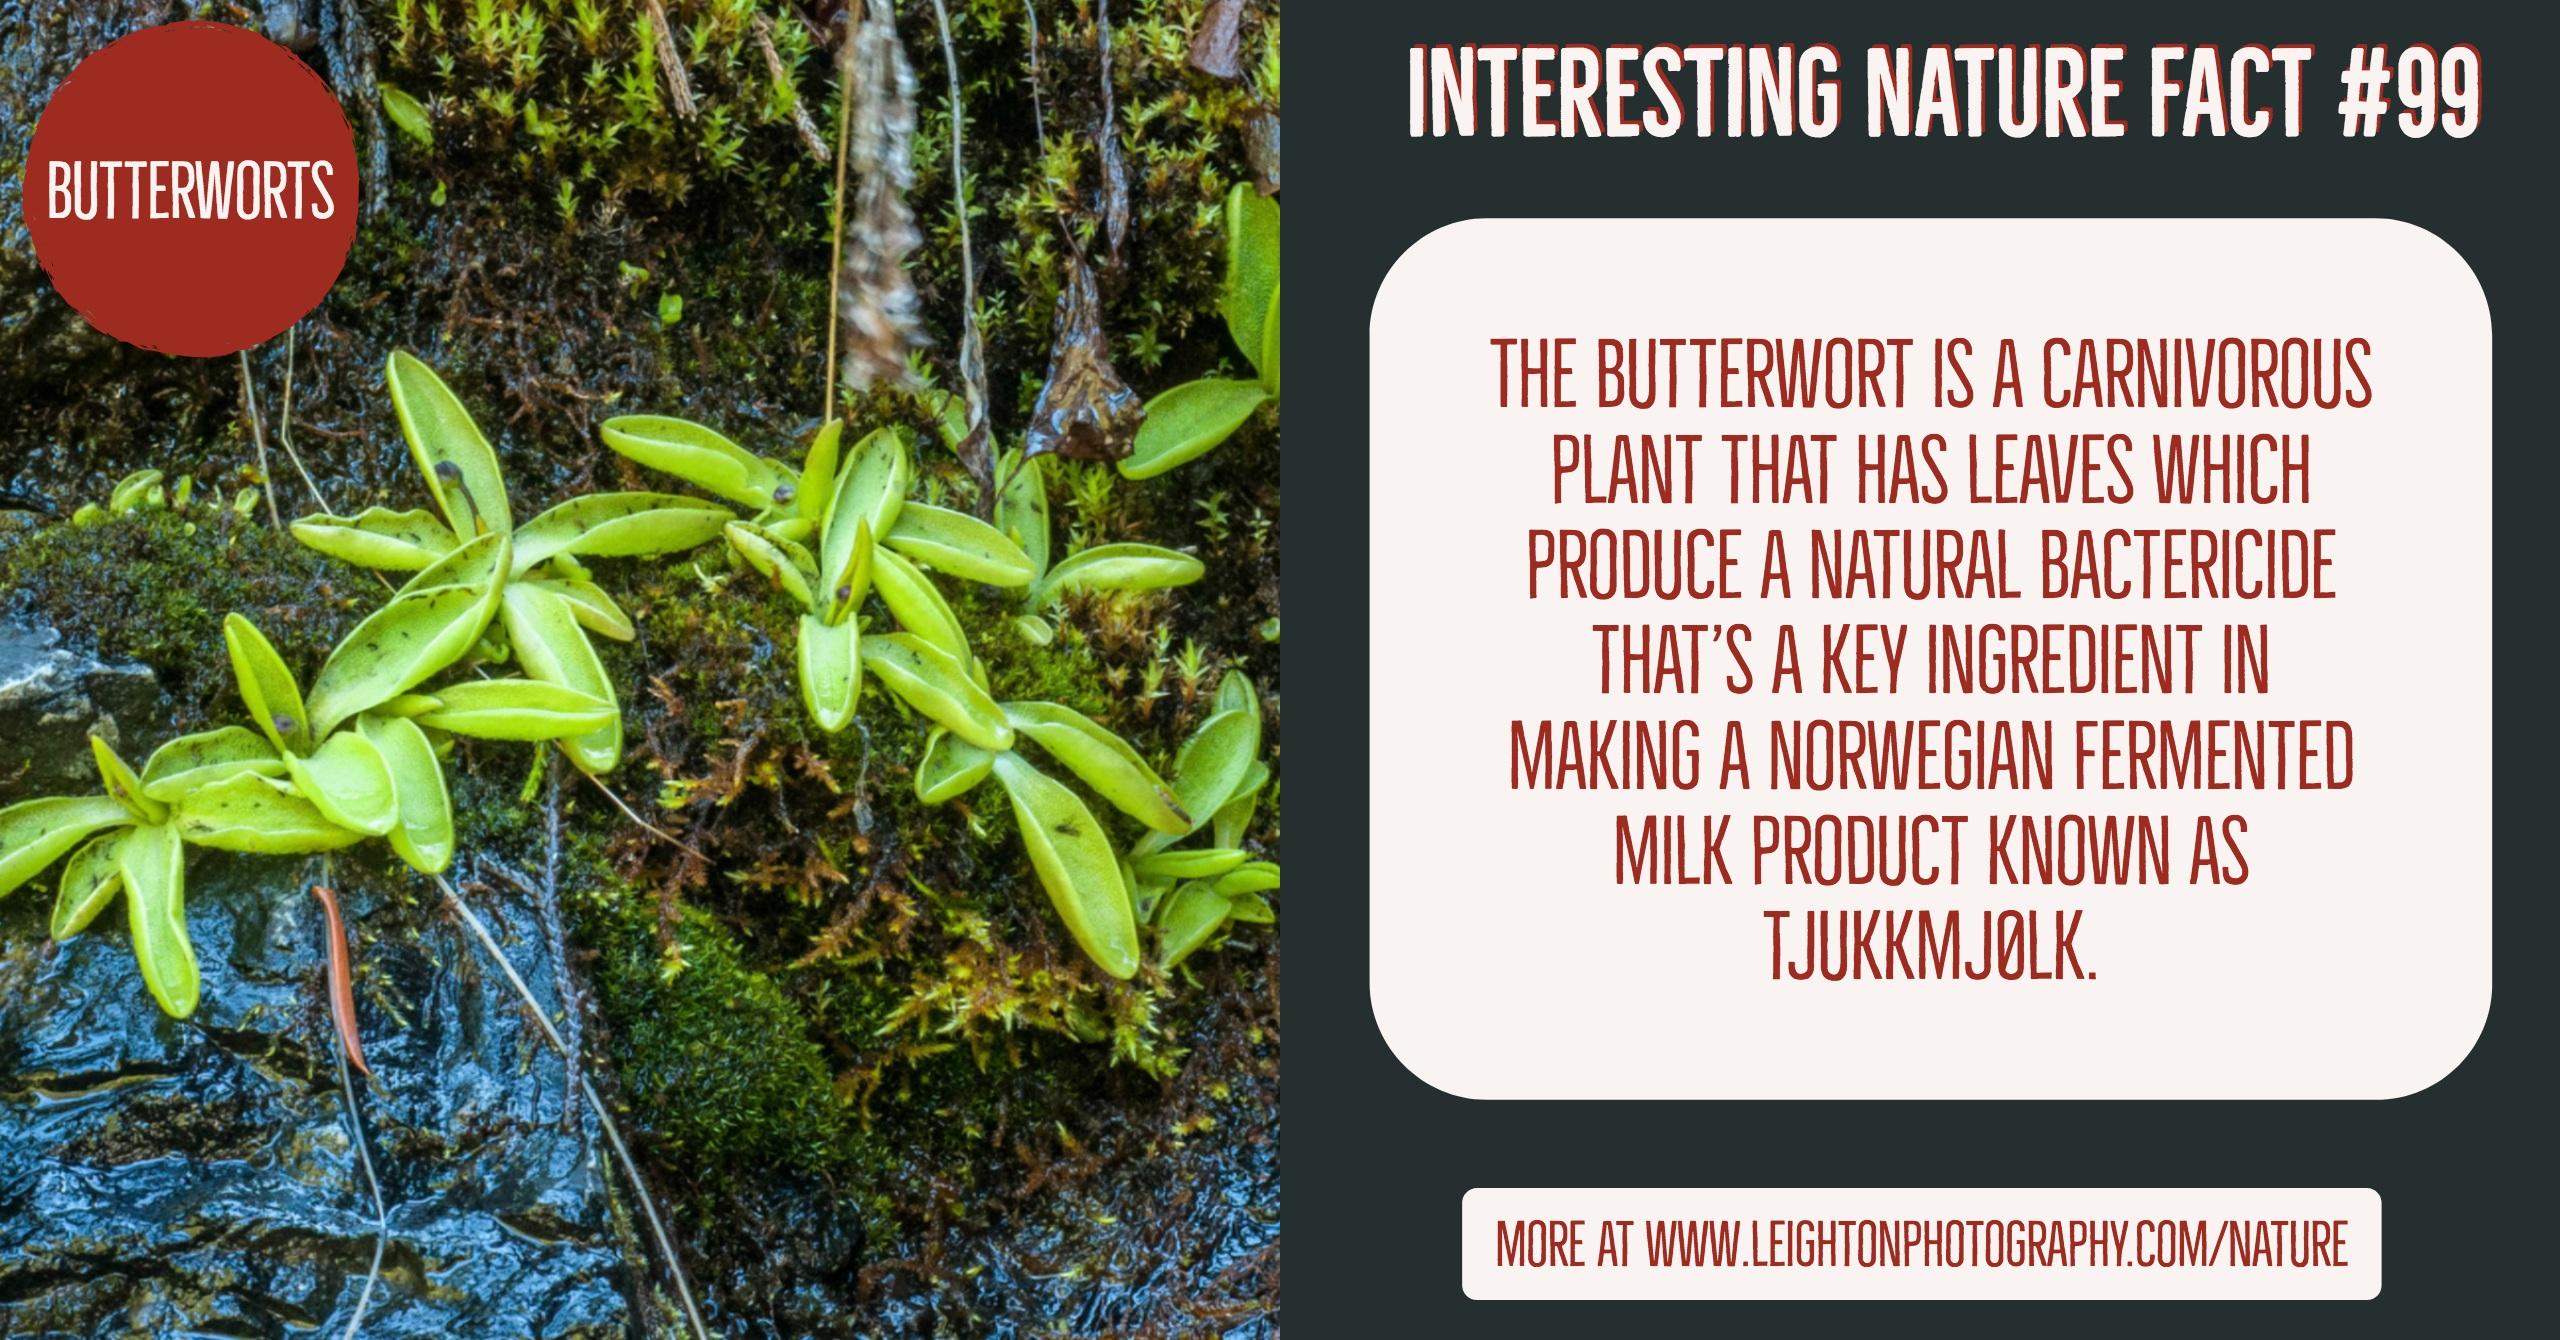 Butterworts